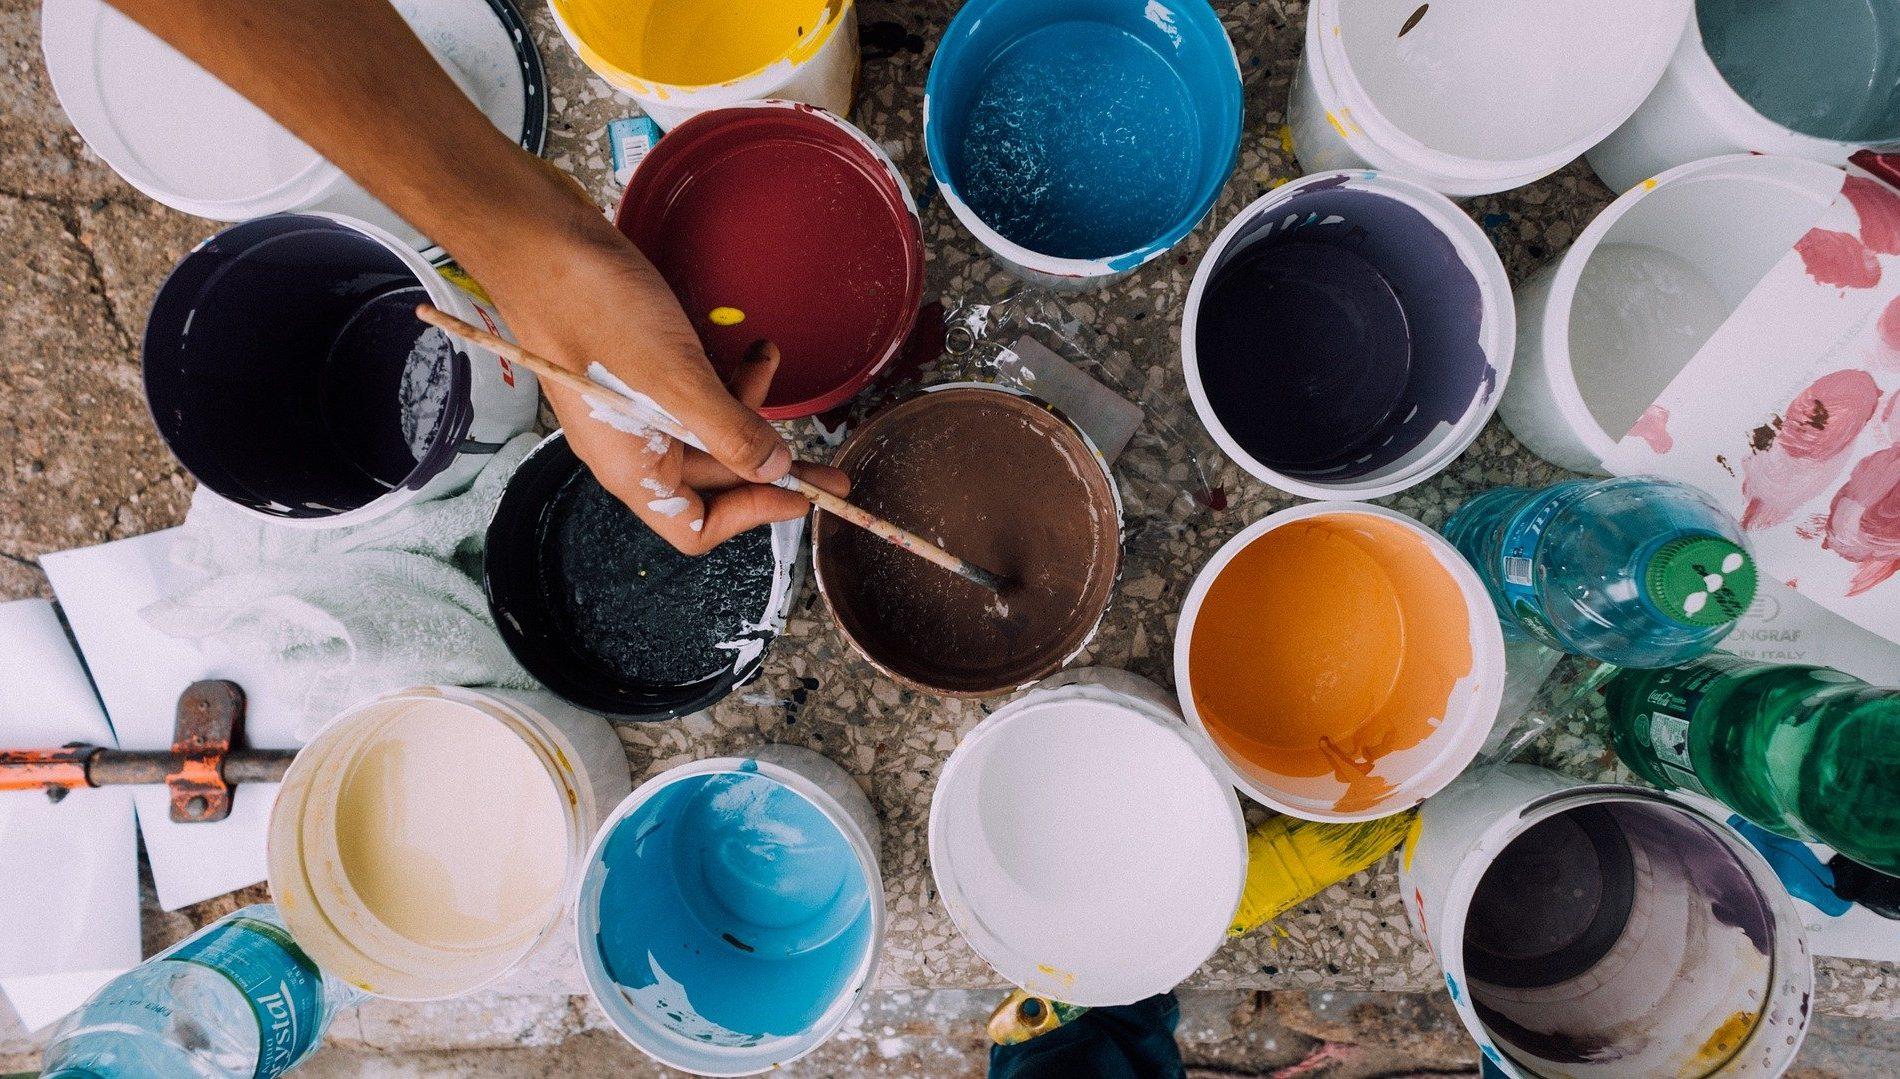 Académie Lyonnaise de peinture, Académie Lyonnaise de peinture, Notre association